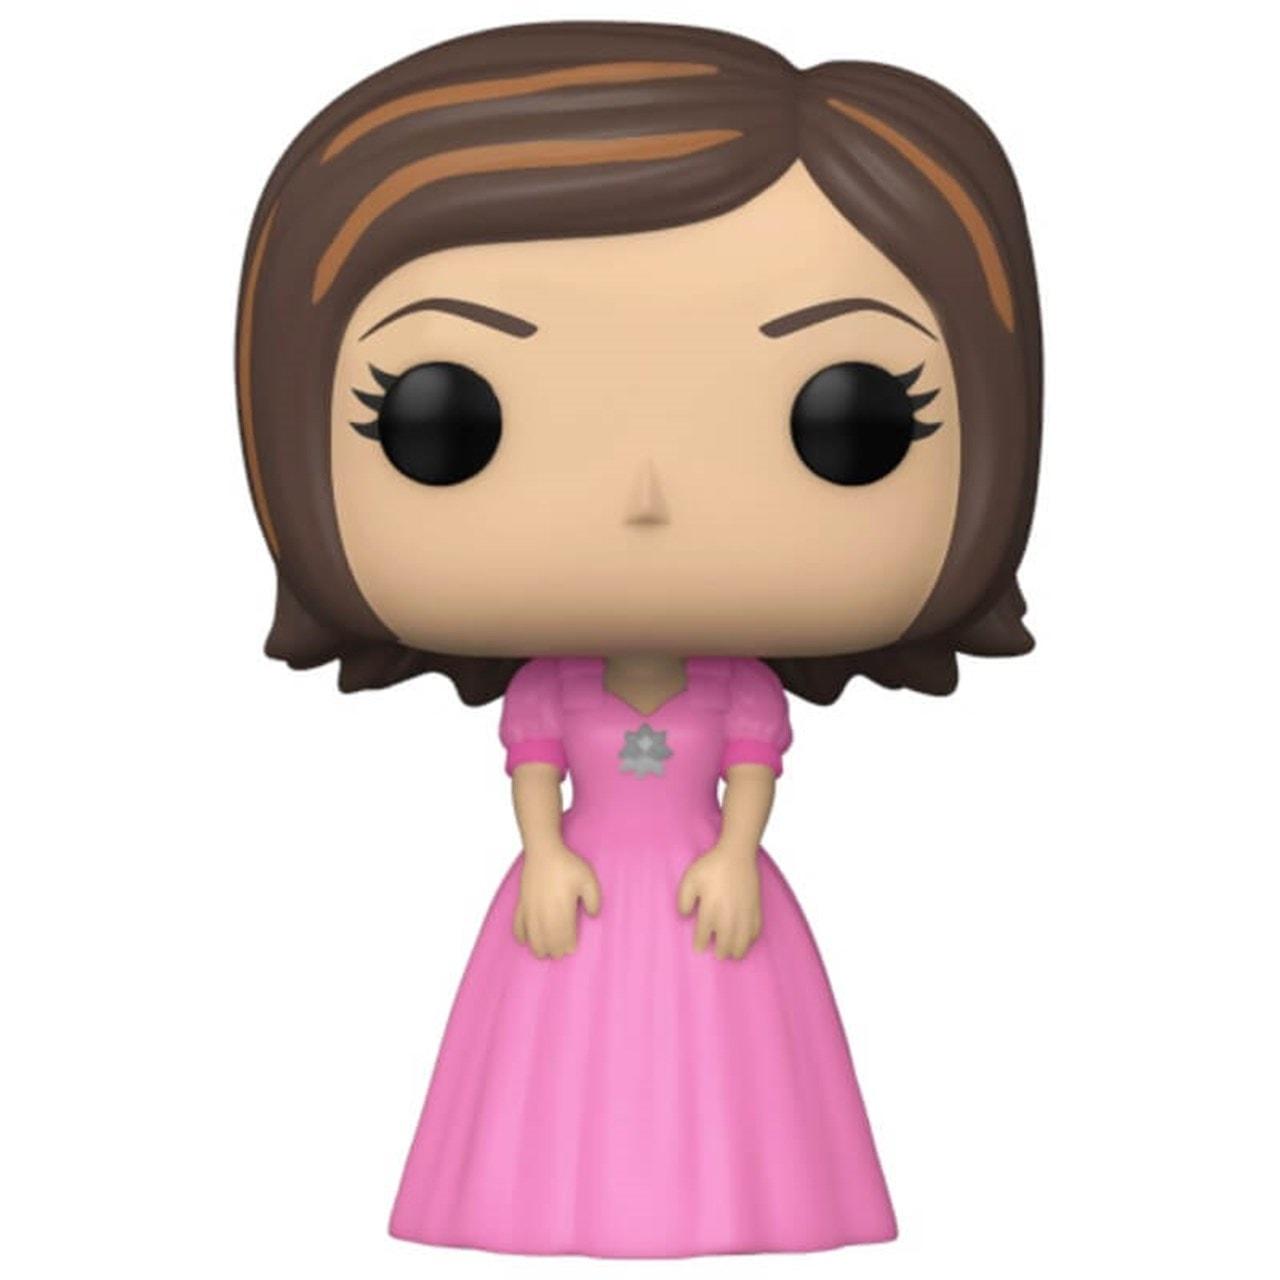 Rachel In Pink Dress (1065) Rachel Green: Friends Pop Vinyl - 1